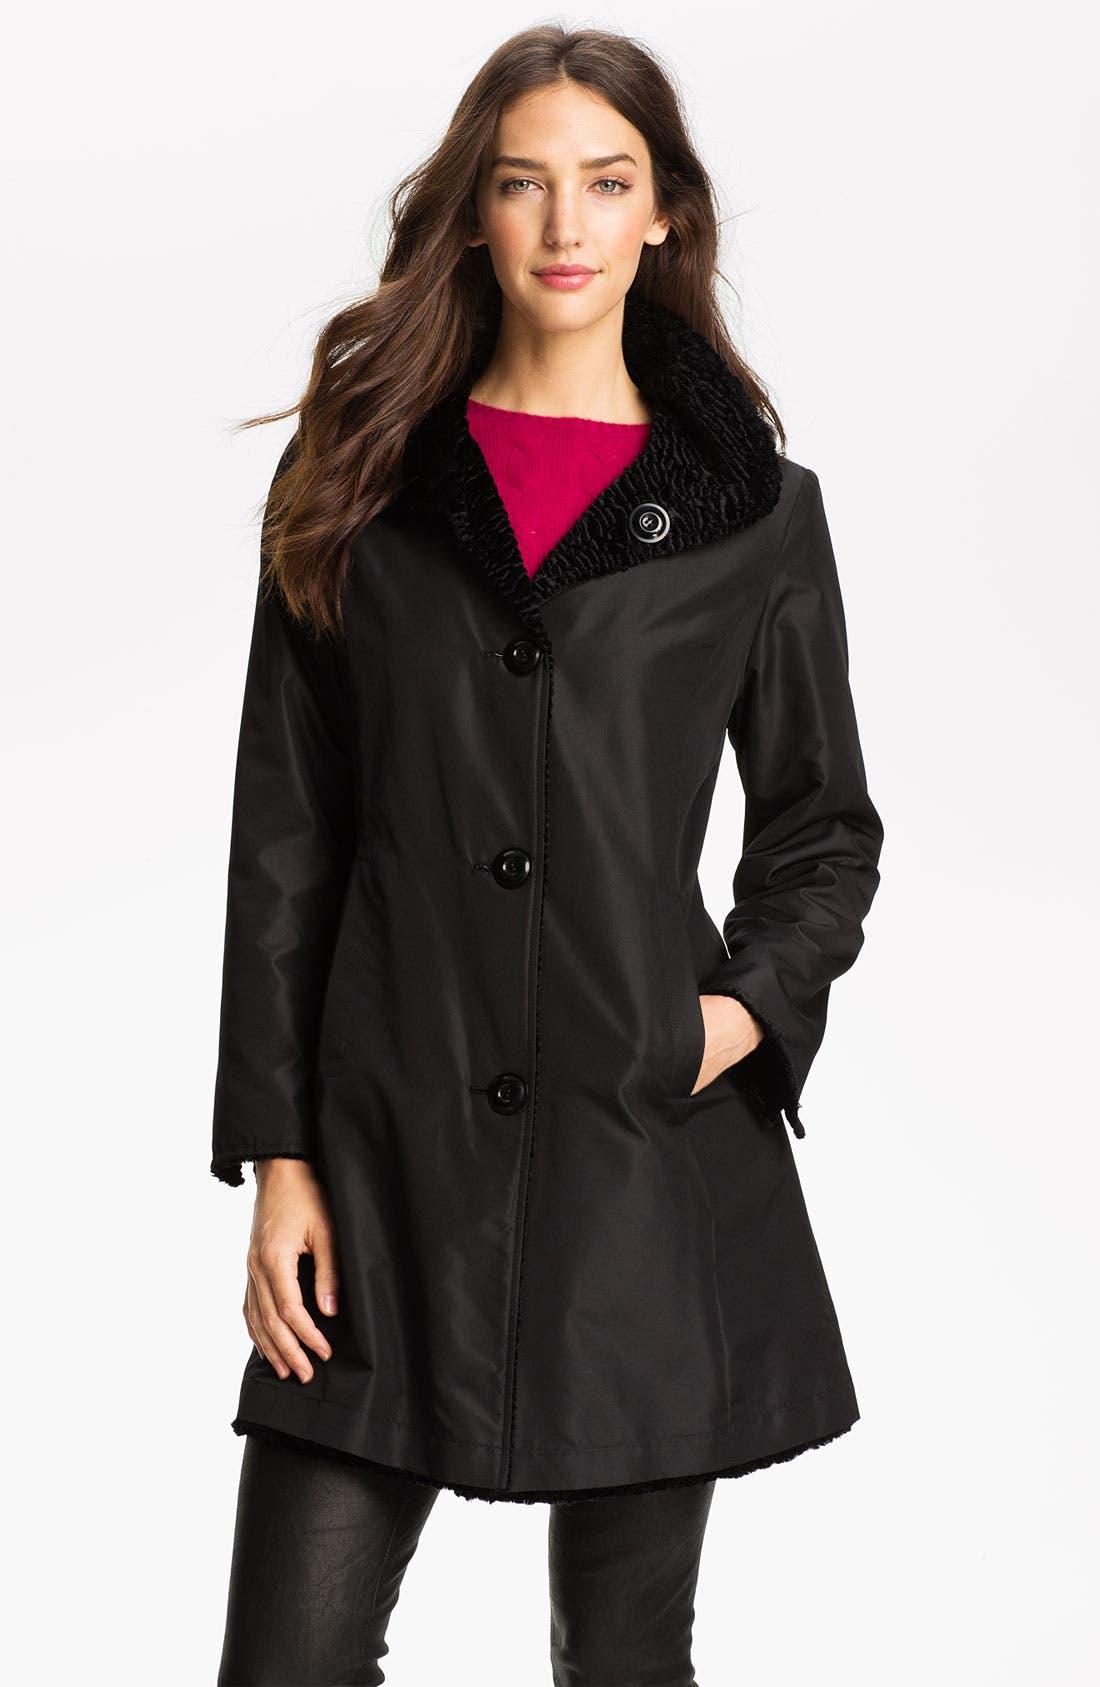 Main Image - Ellen Tracy Reversible Faux Persian Lamb Fur Coat (Regular & Petite) (Nordstrom Exclusive)